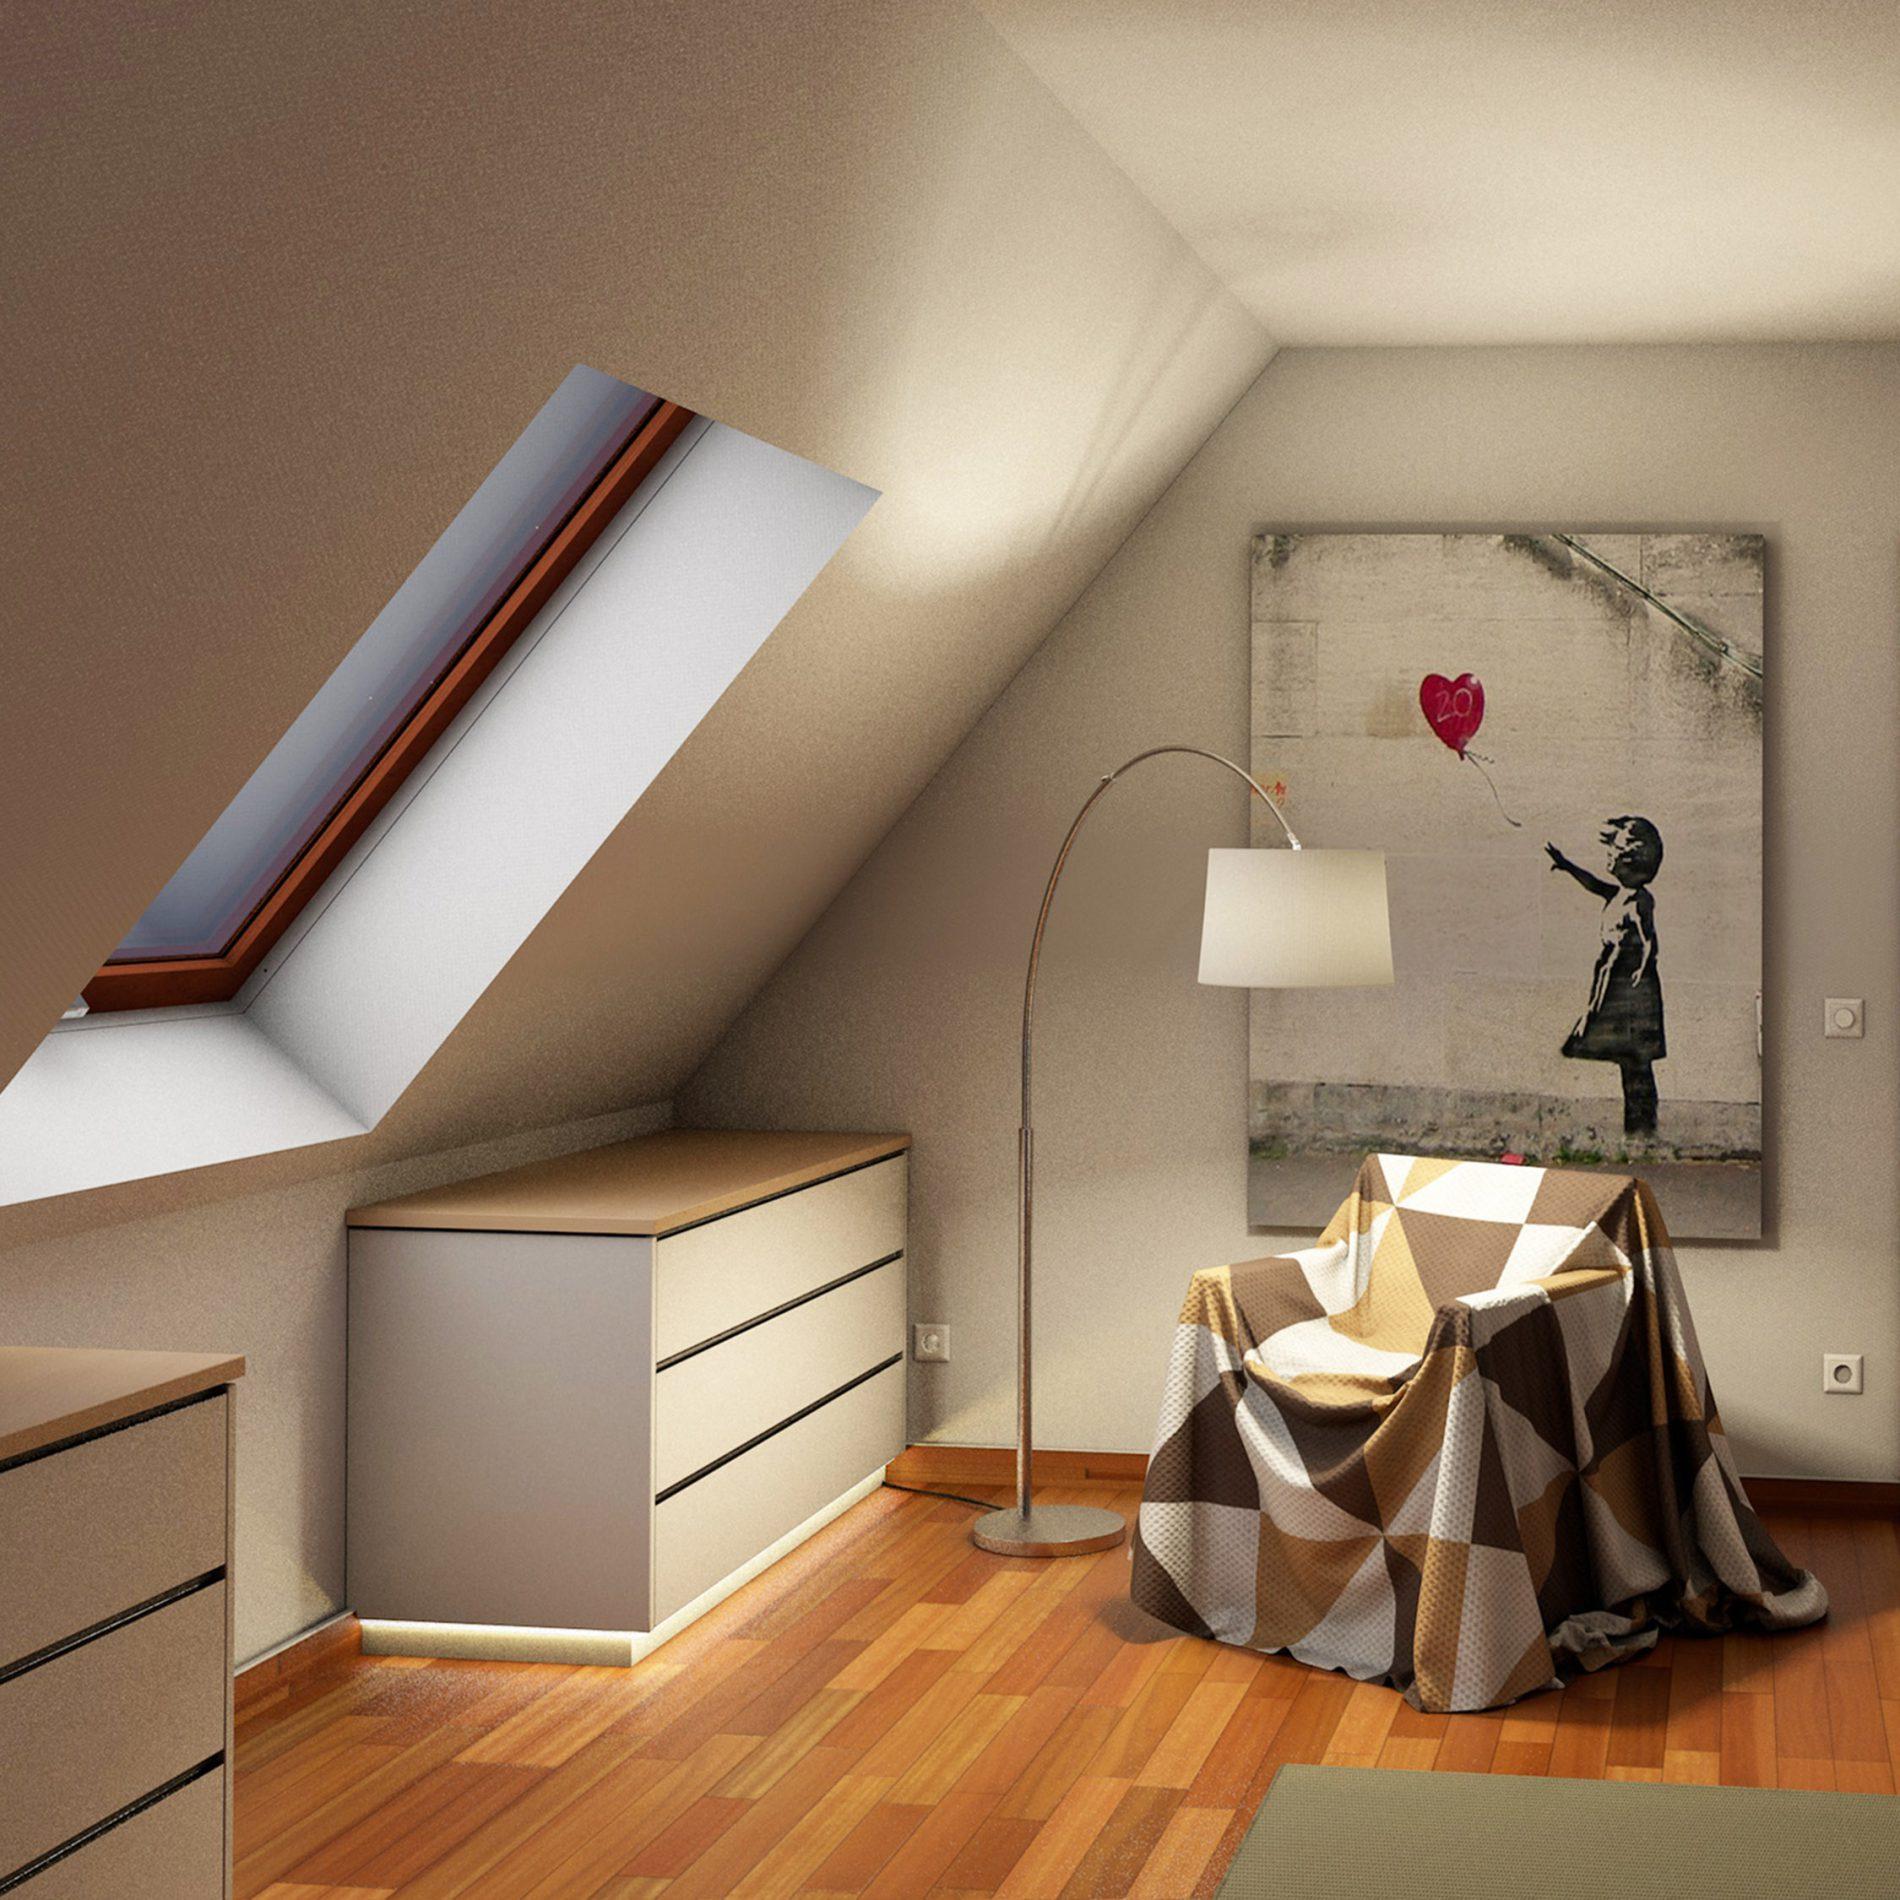 mehrteiliger Drempelschrank für Dachschrägen im Obergeschoss